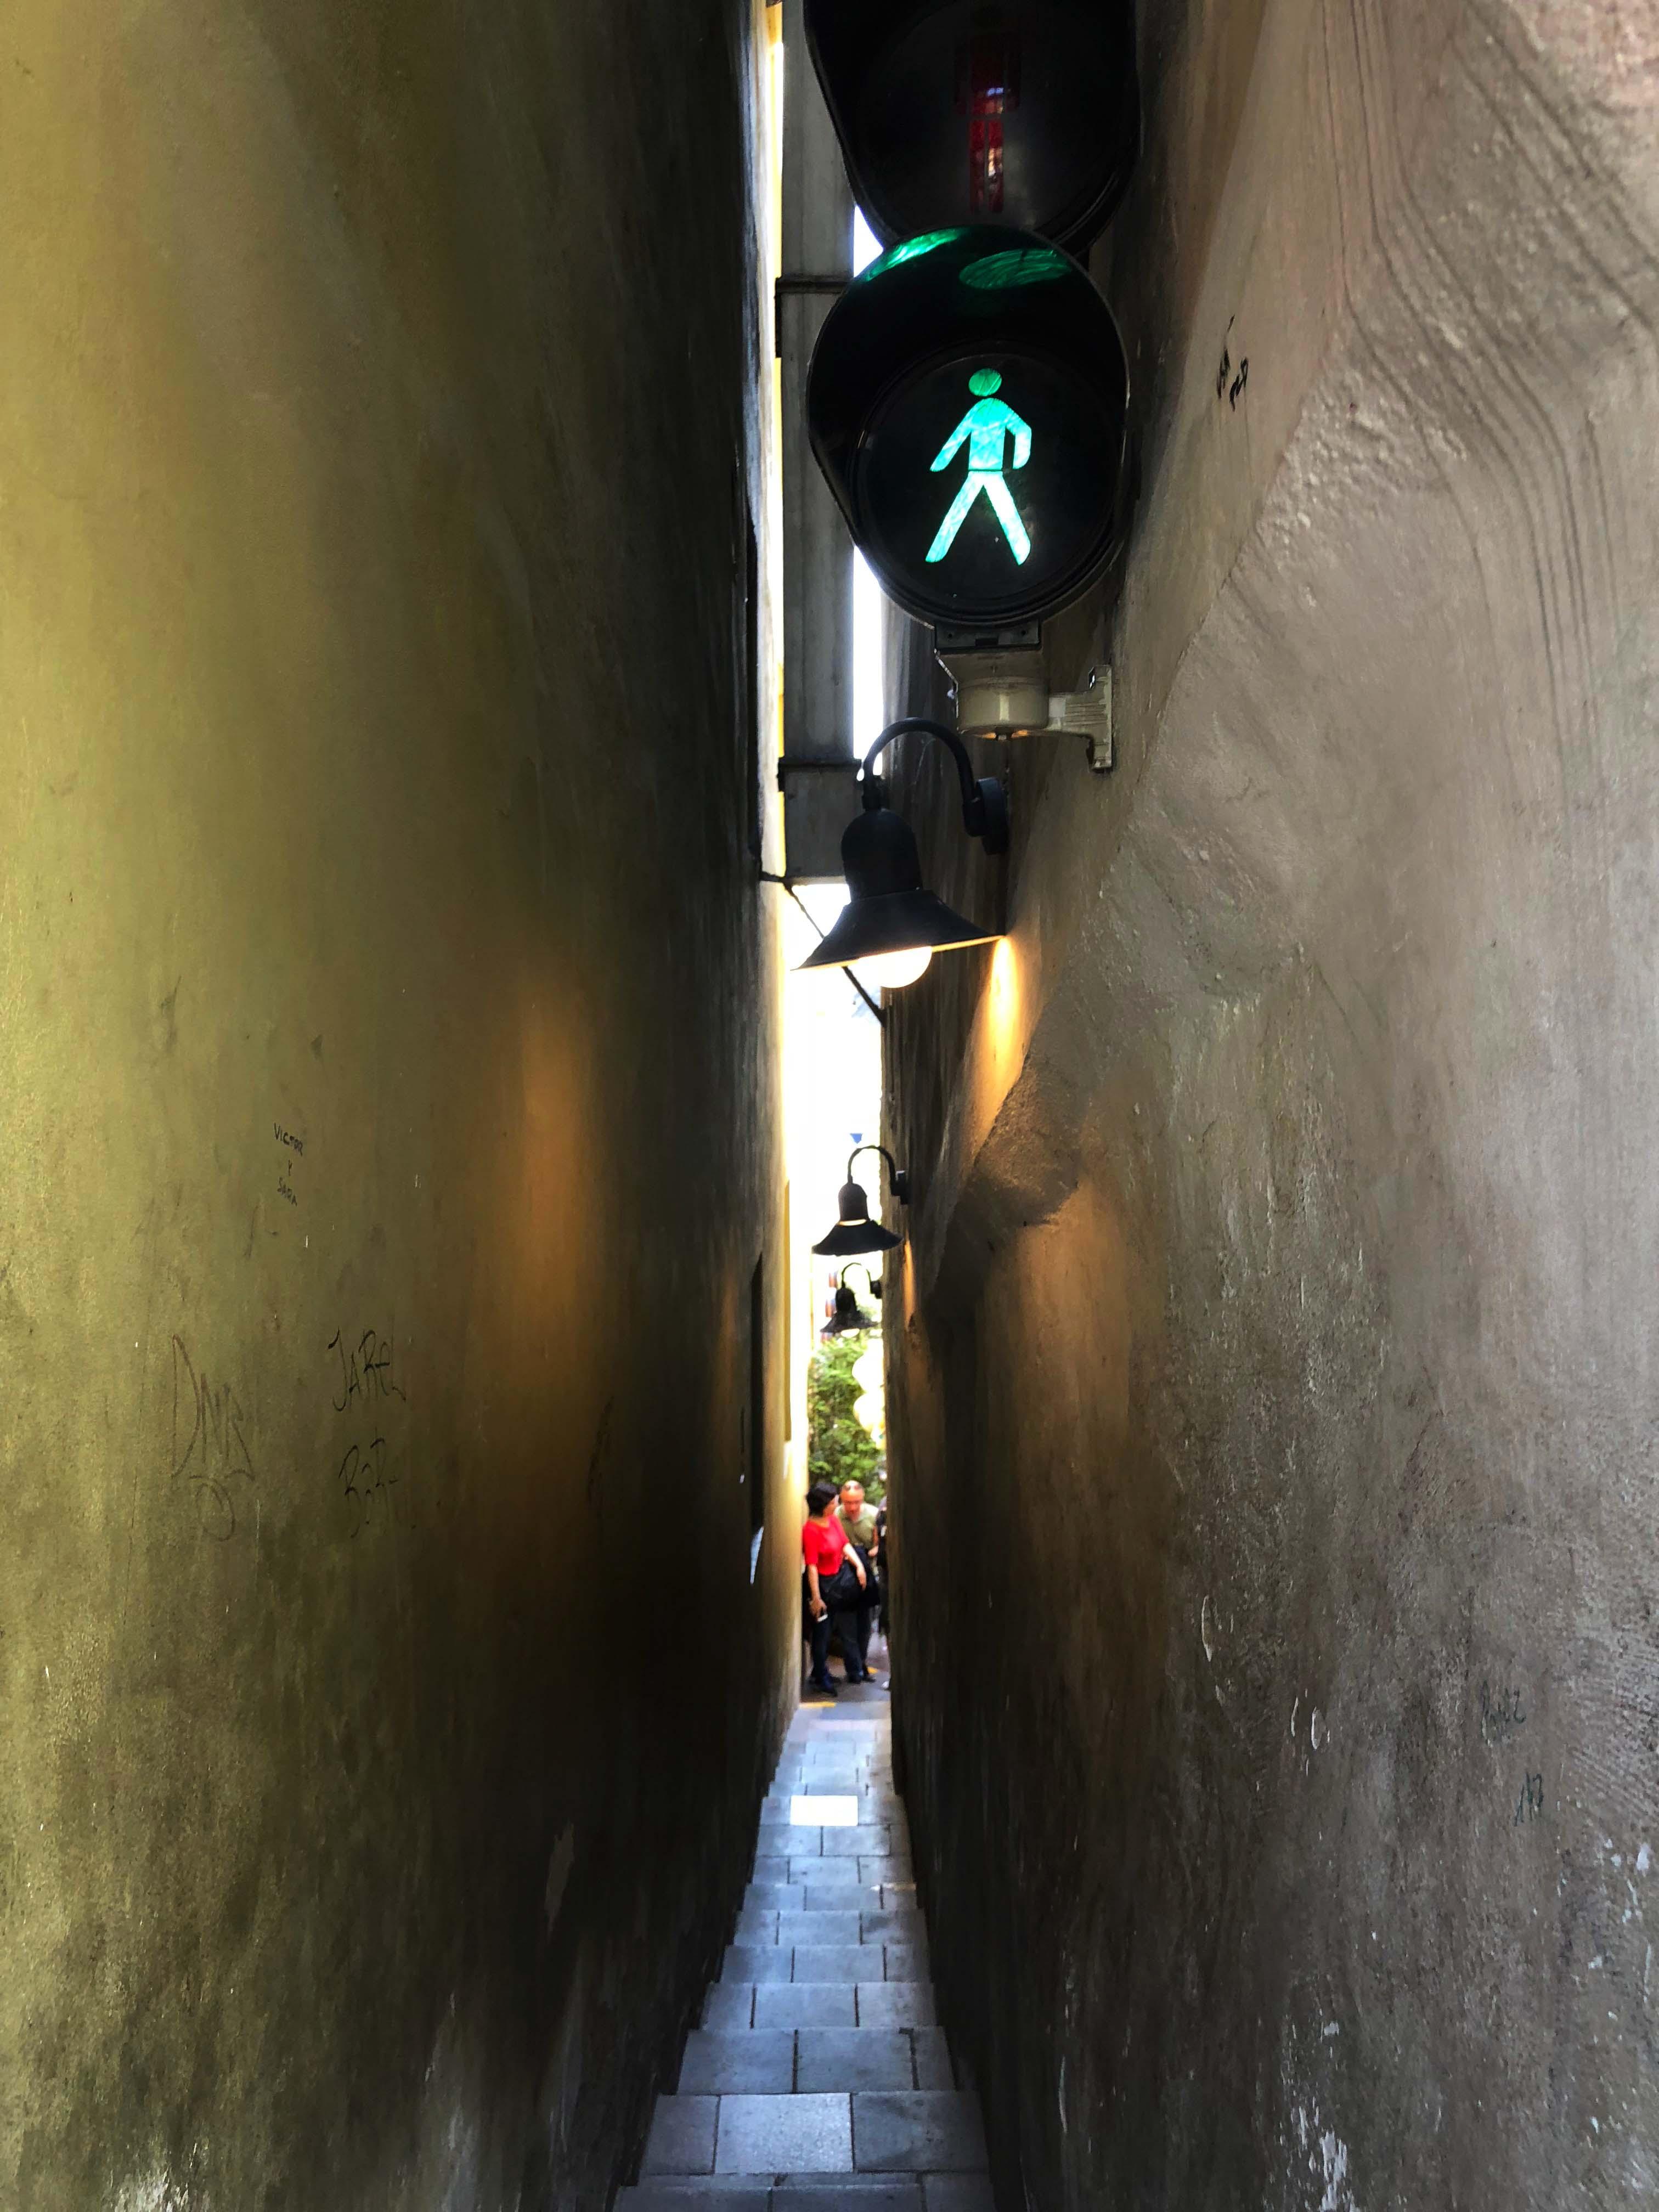 Kurztrip nach Prag mit Kids – Teil 01 // Travel to Prague Part 01 by http://babyrockmyday.com/kurztrip-nach-prag-teil-01/